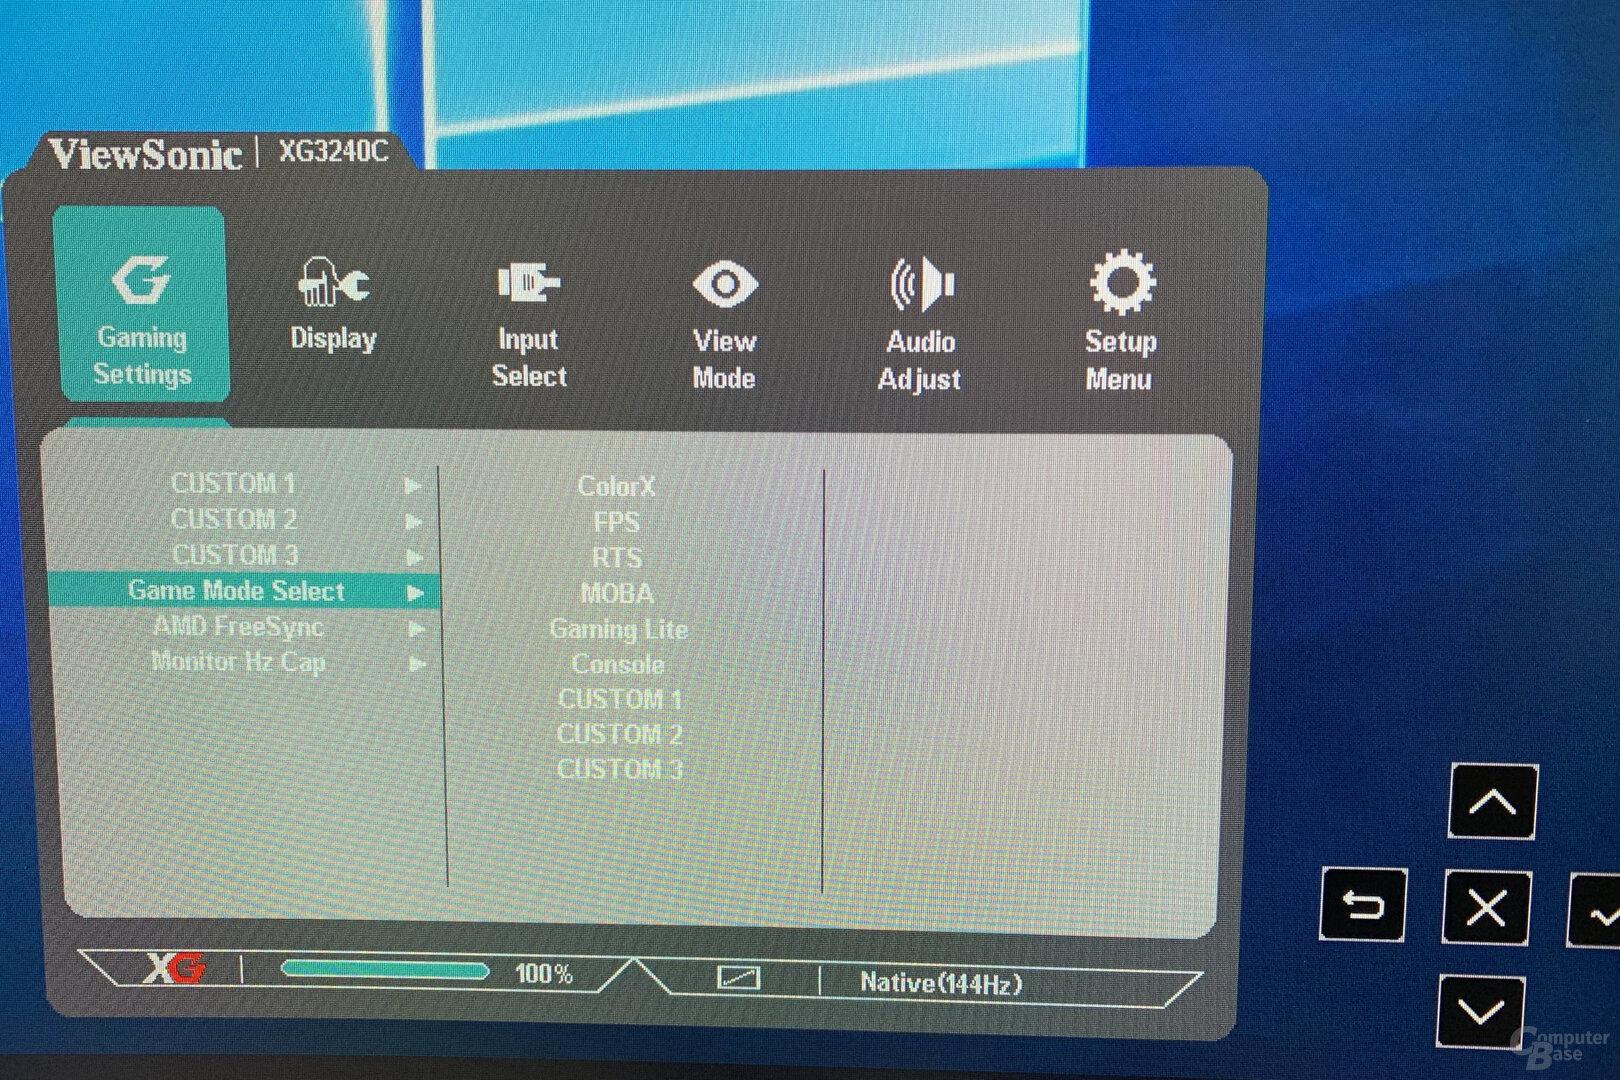 OSD des ViewSonic XG3240C